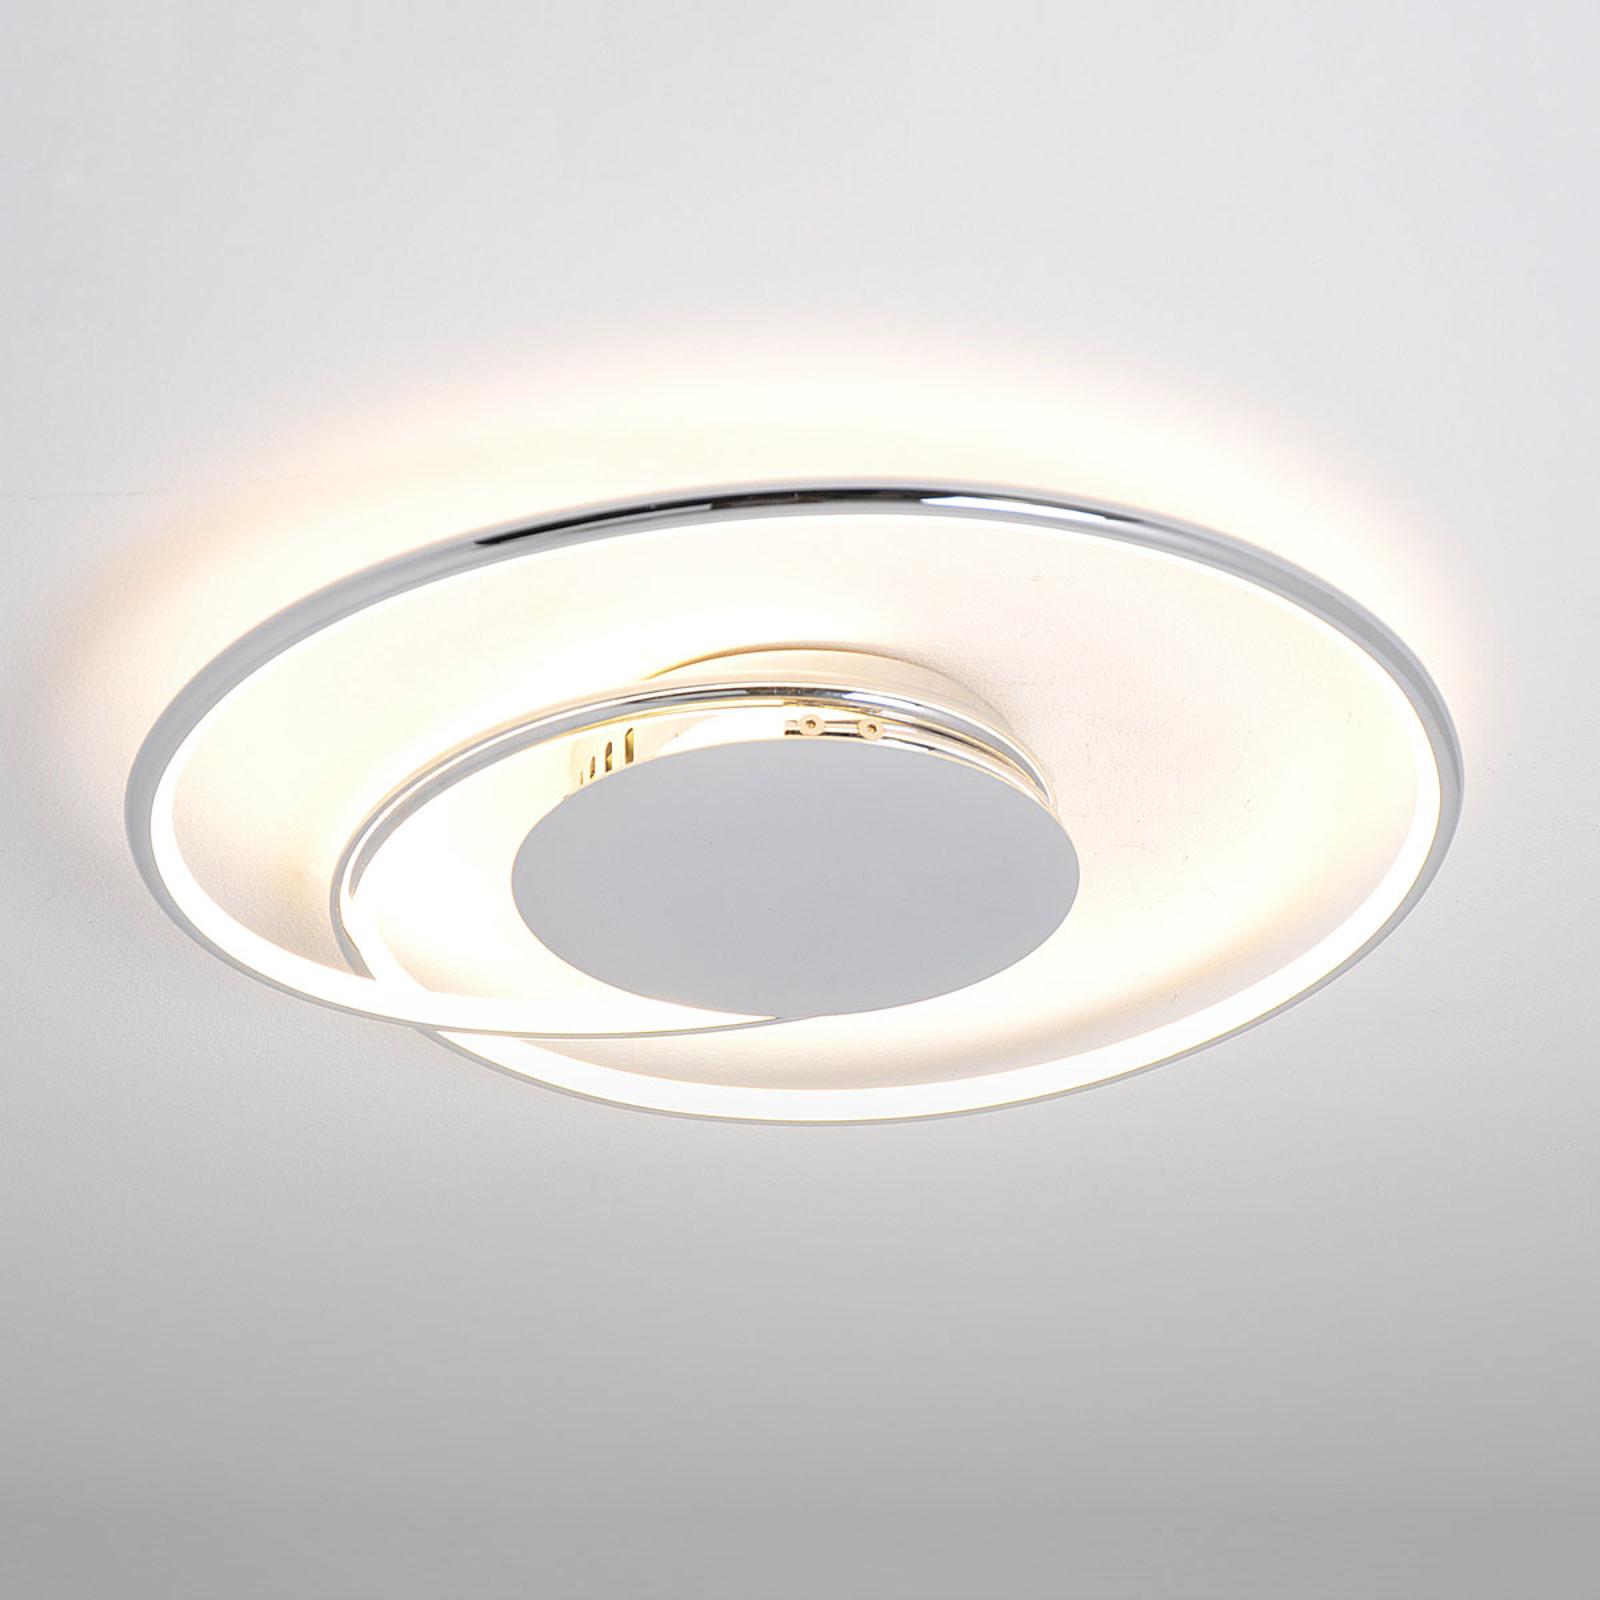 Joline - kaunis LED-kattovalaisin